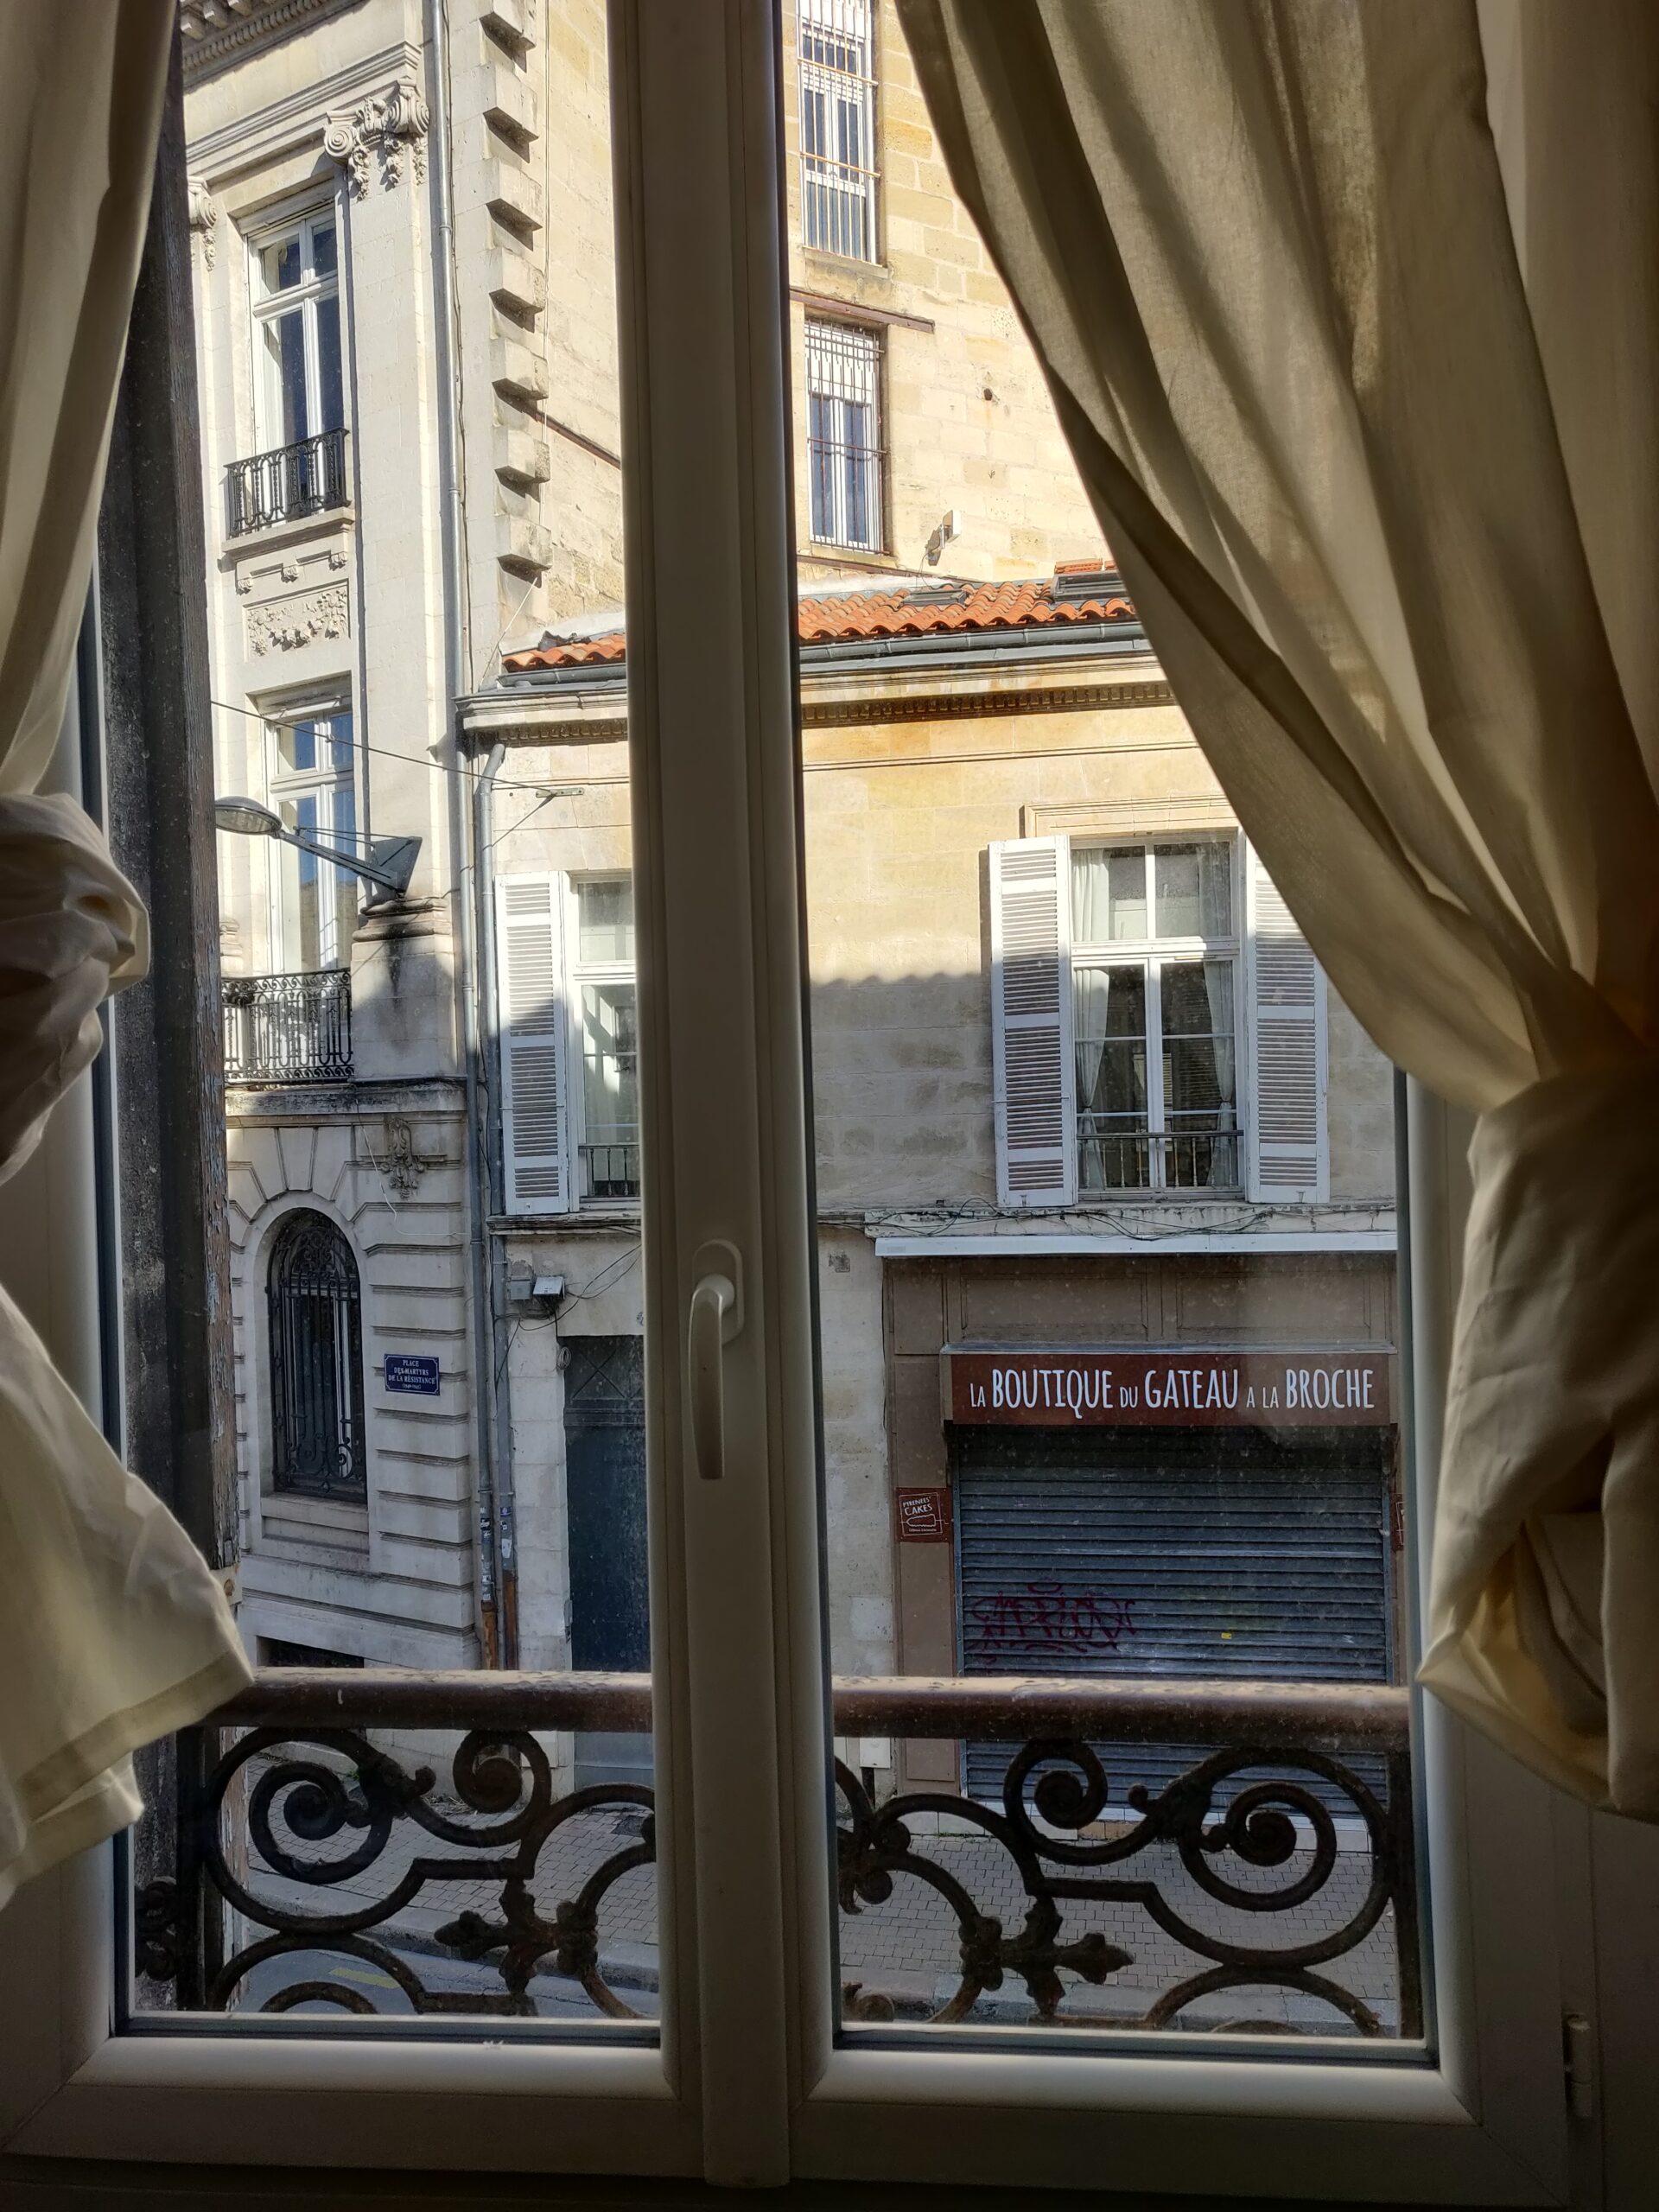 """Vue d'une fenêtre. Les rideaux de couleur blanc cassé sont noués. On aperçoit les bâtiments d'en face. Particulièrement """"la boutique du gâteau à la broche"""", rideau fermé, et orné d'un tag rouge."""